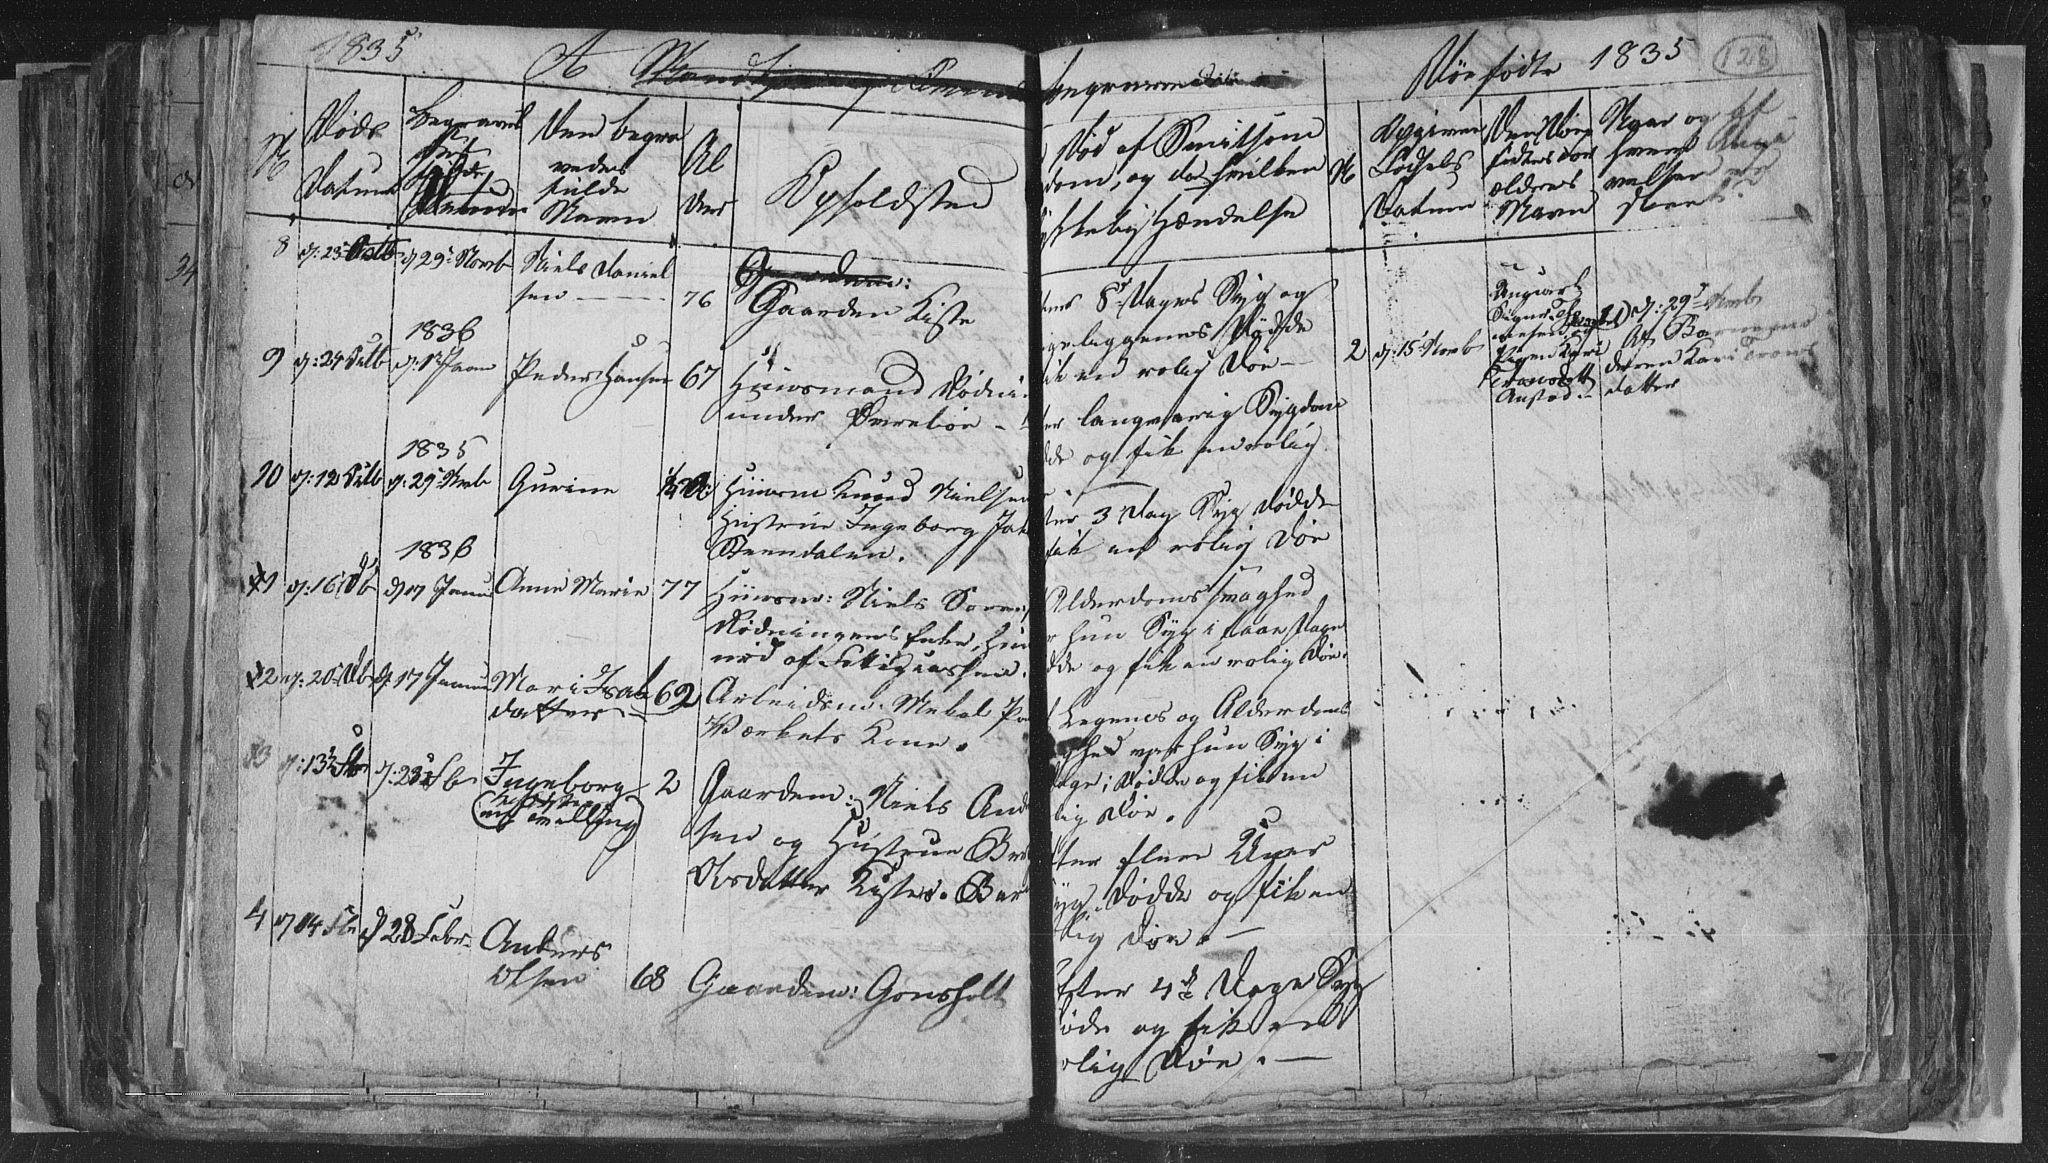 SAKO, Siljan kirkebøker, G/Ga/L0001: Klokkerbok nr. 1, 1827-1847, s. 128